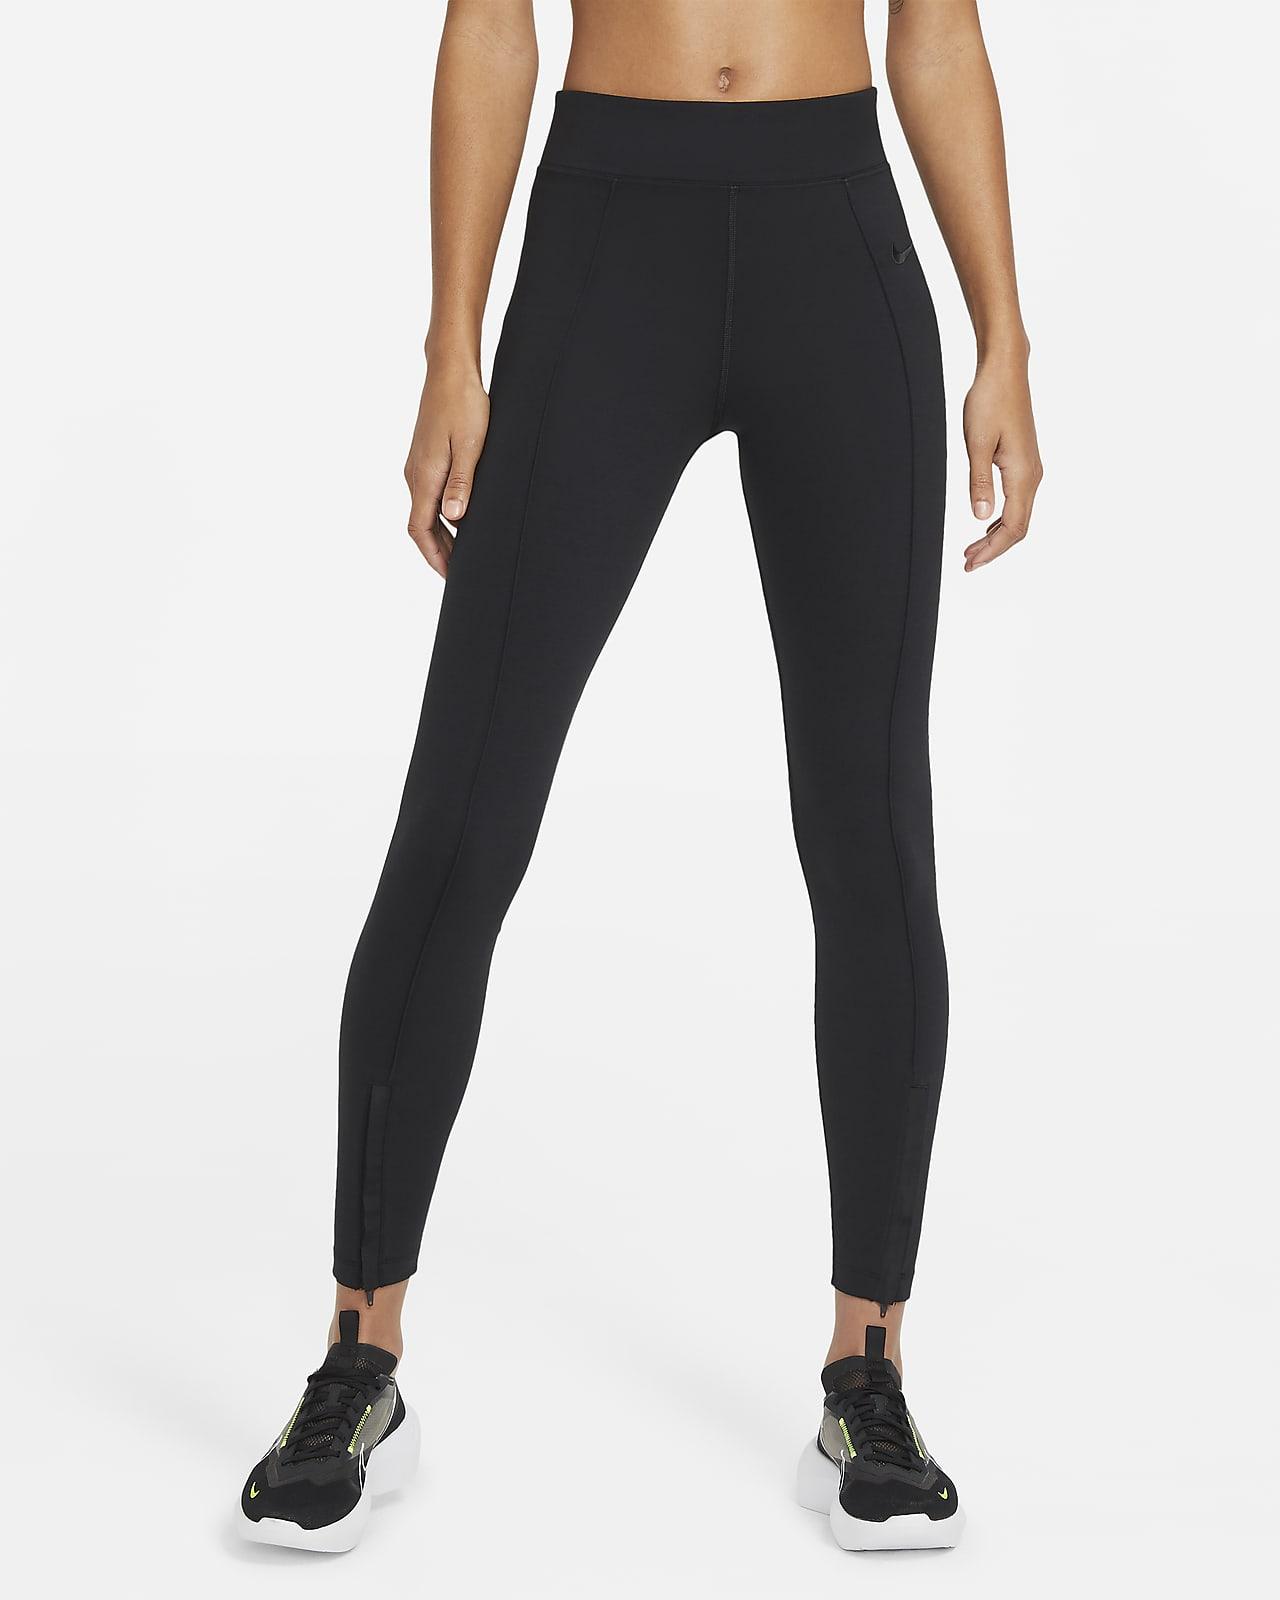 Nike Sportswear Leg-A-See Damen-Leggings mit hohem Bündchen